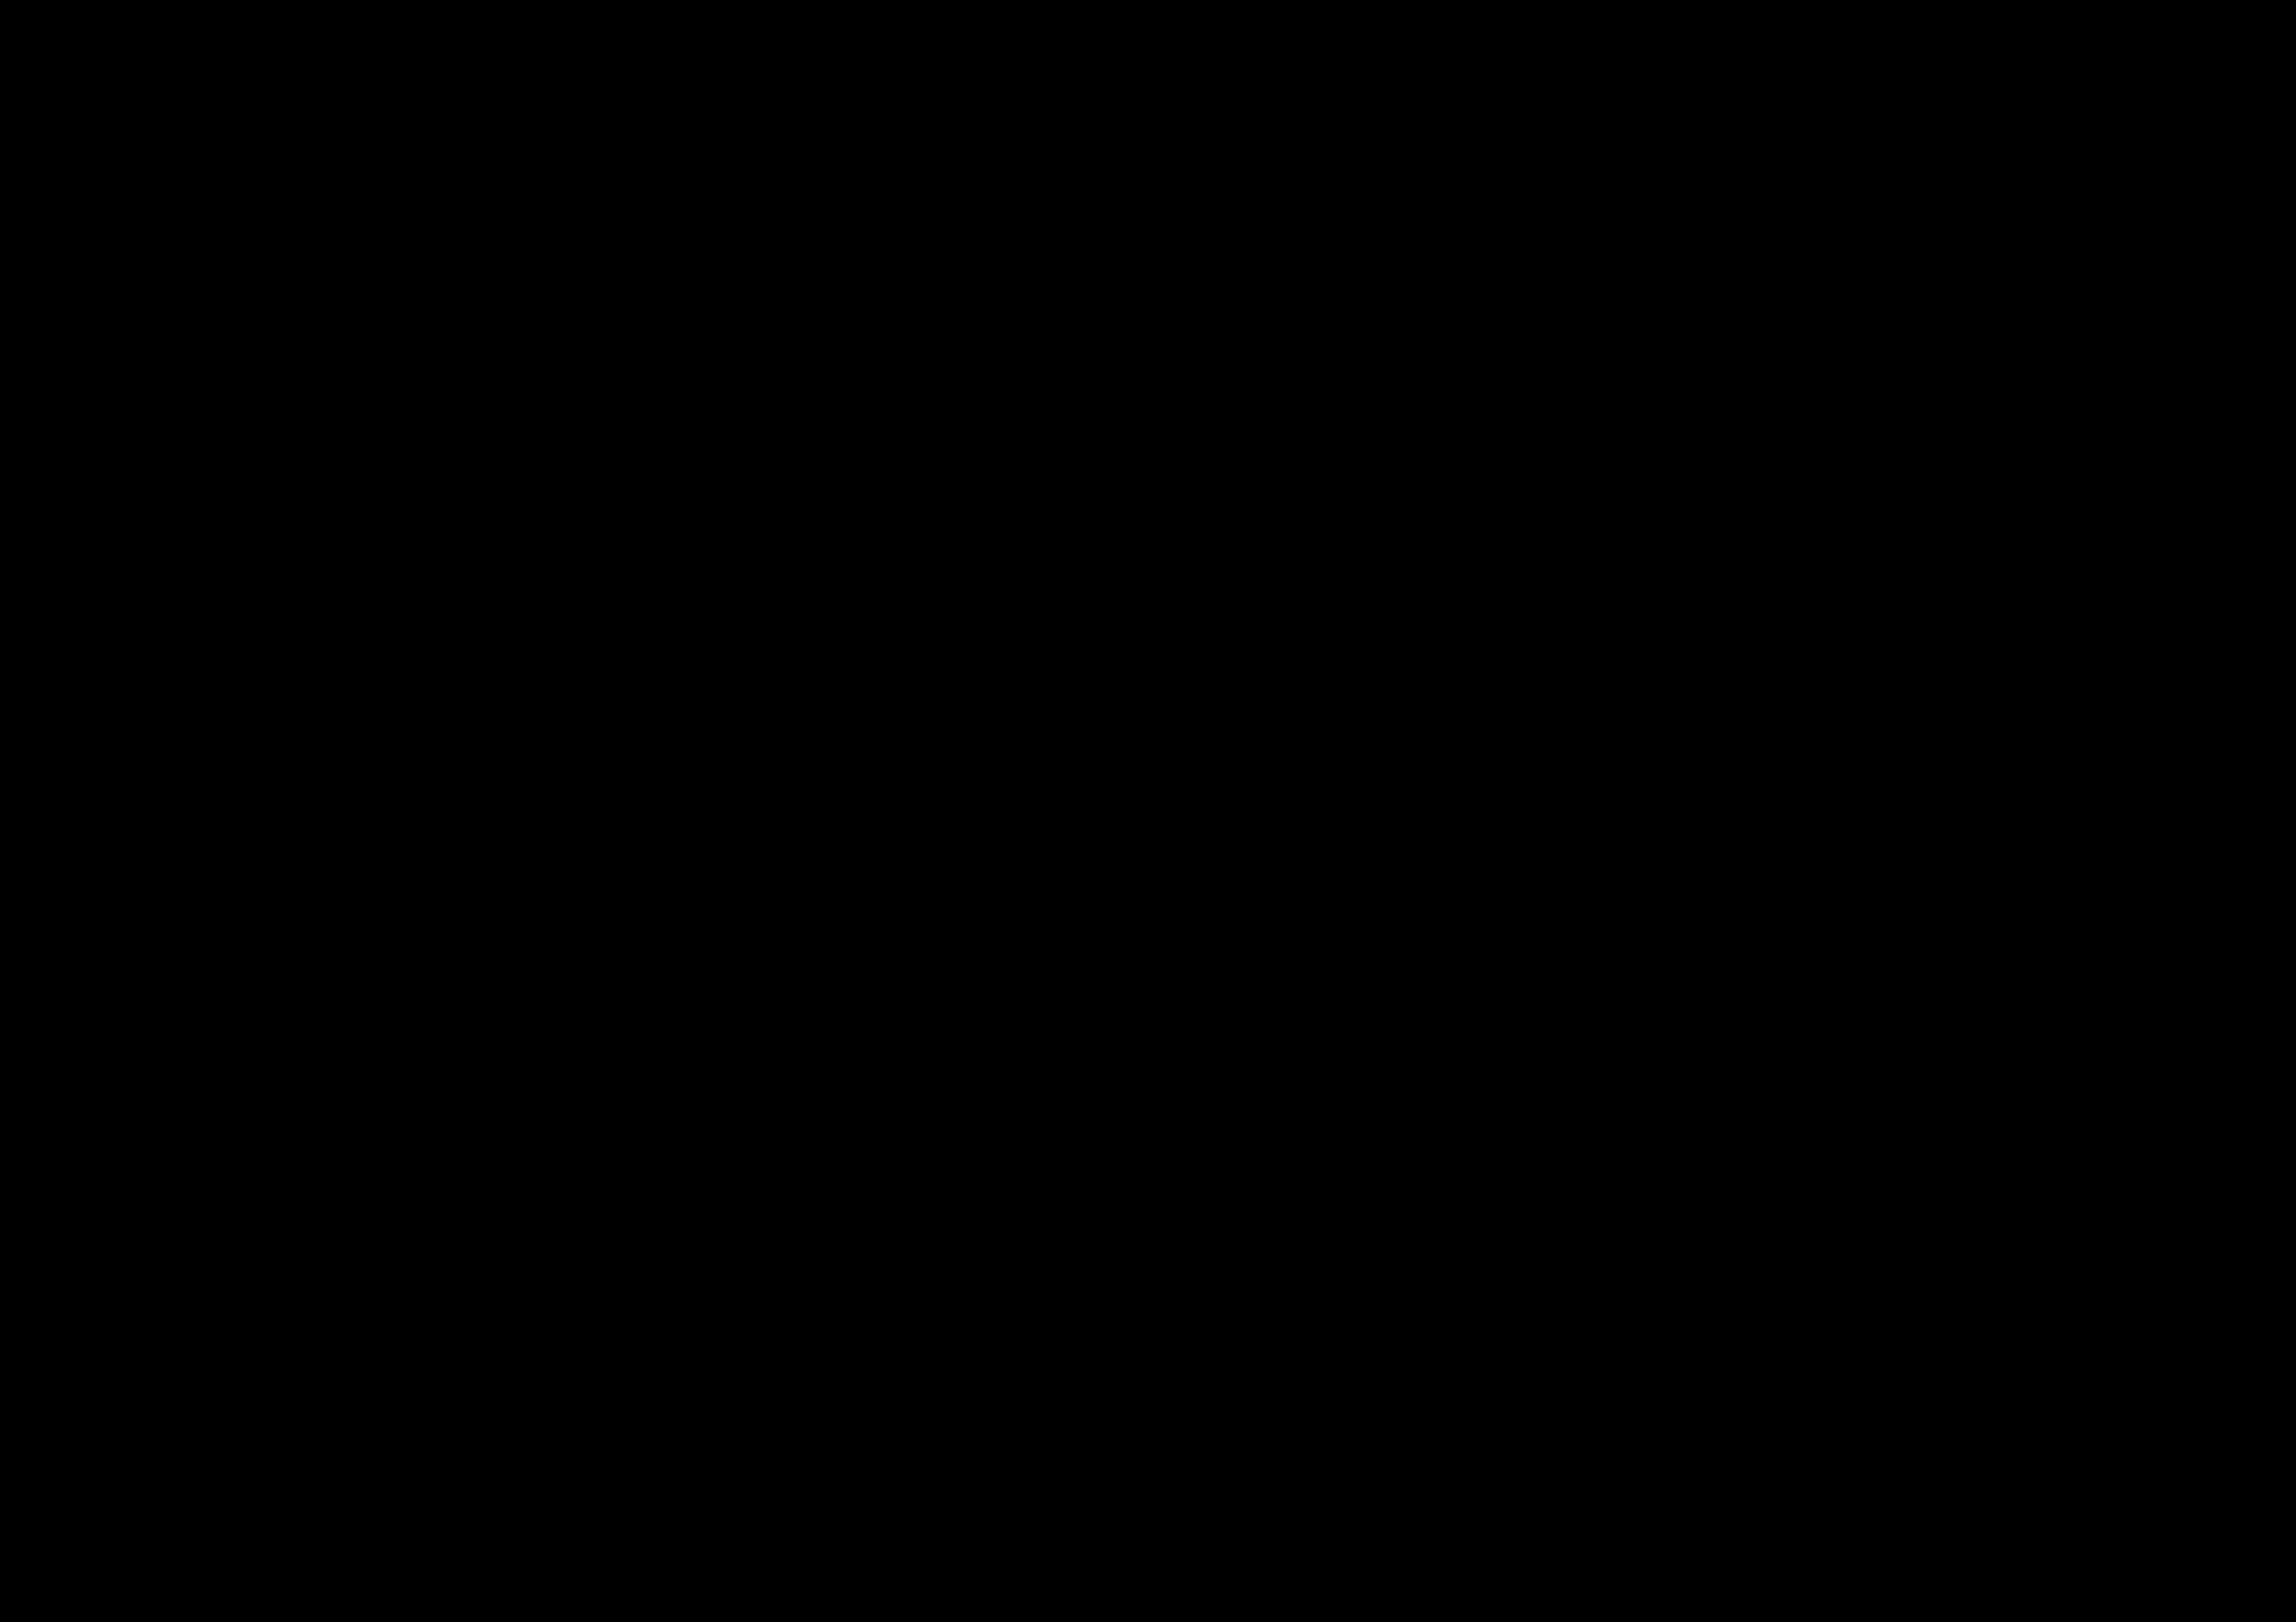 Griffins foodcourt_logo_v2 0